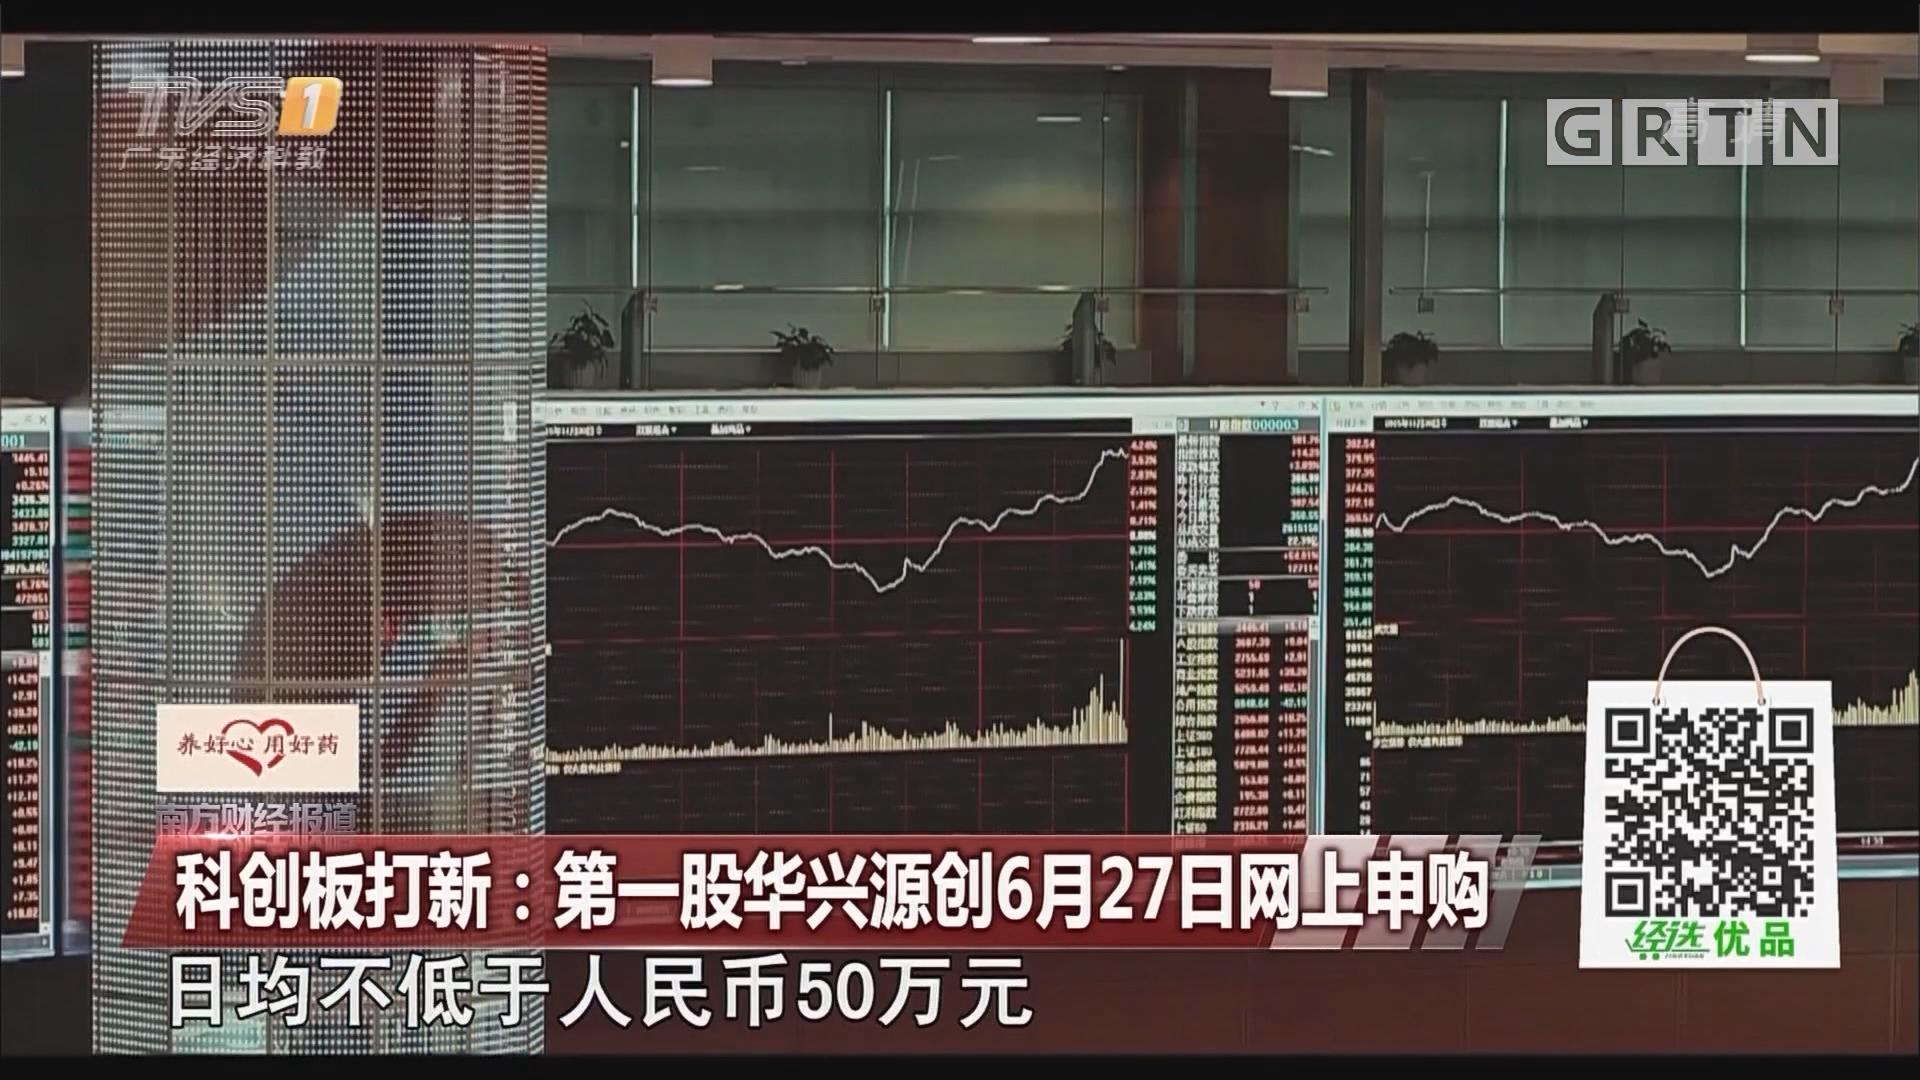 科创板打新:第一股华兴源创6月27日网上申购